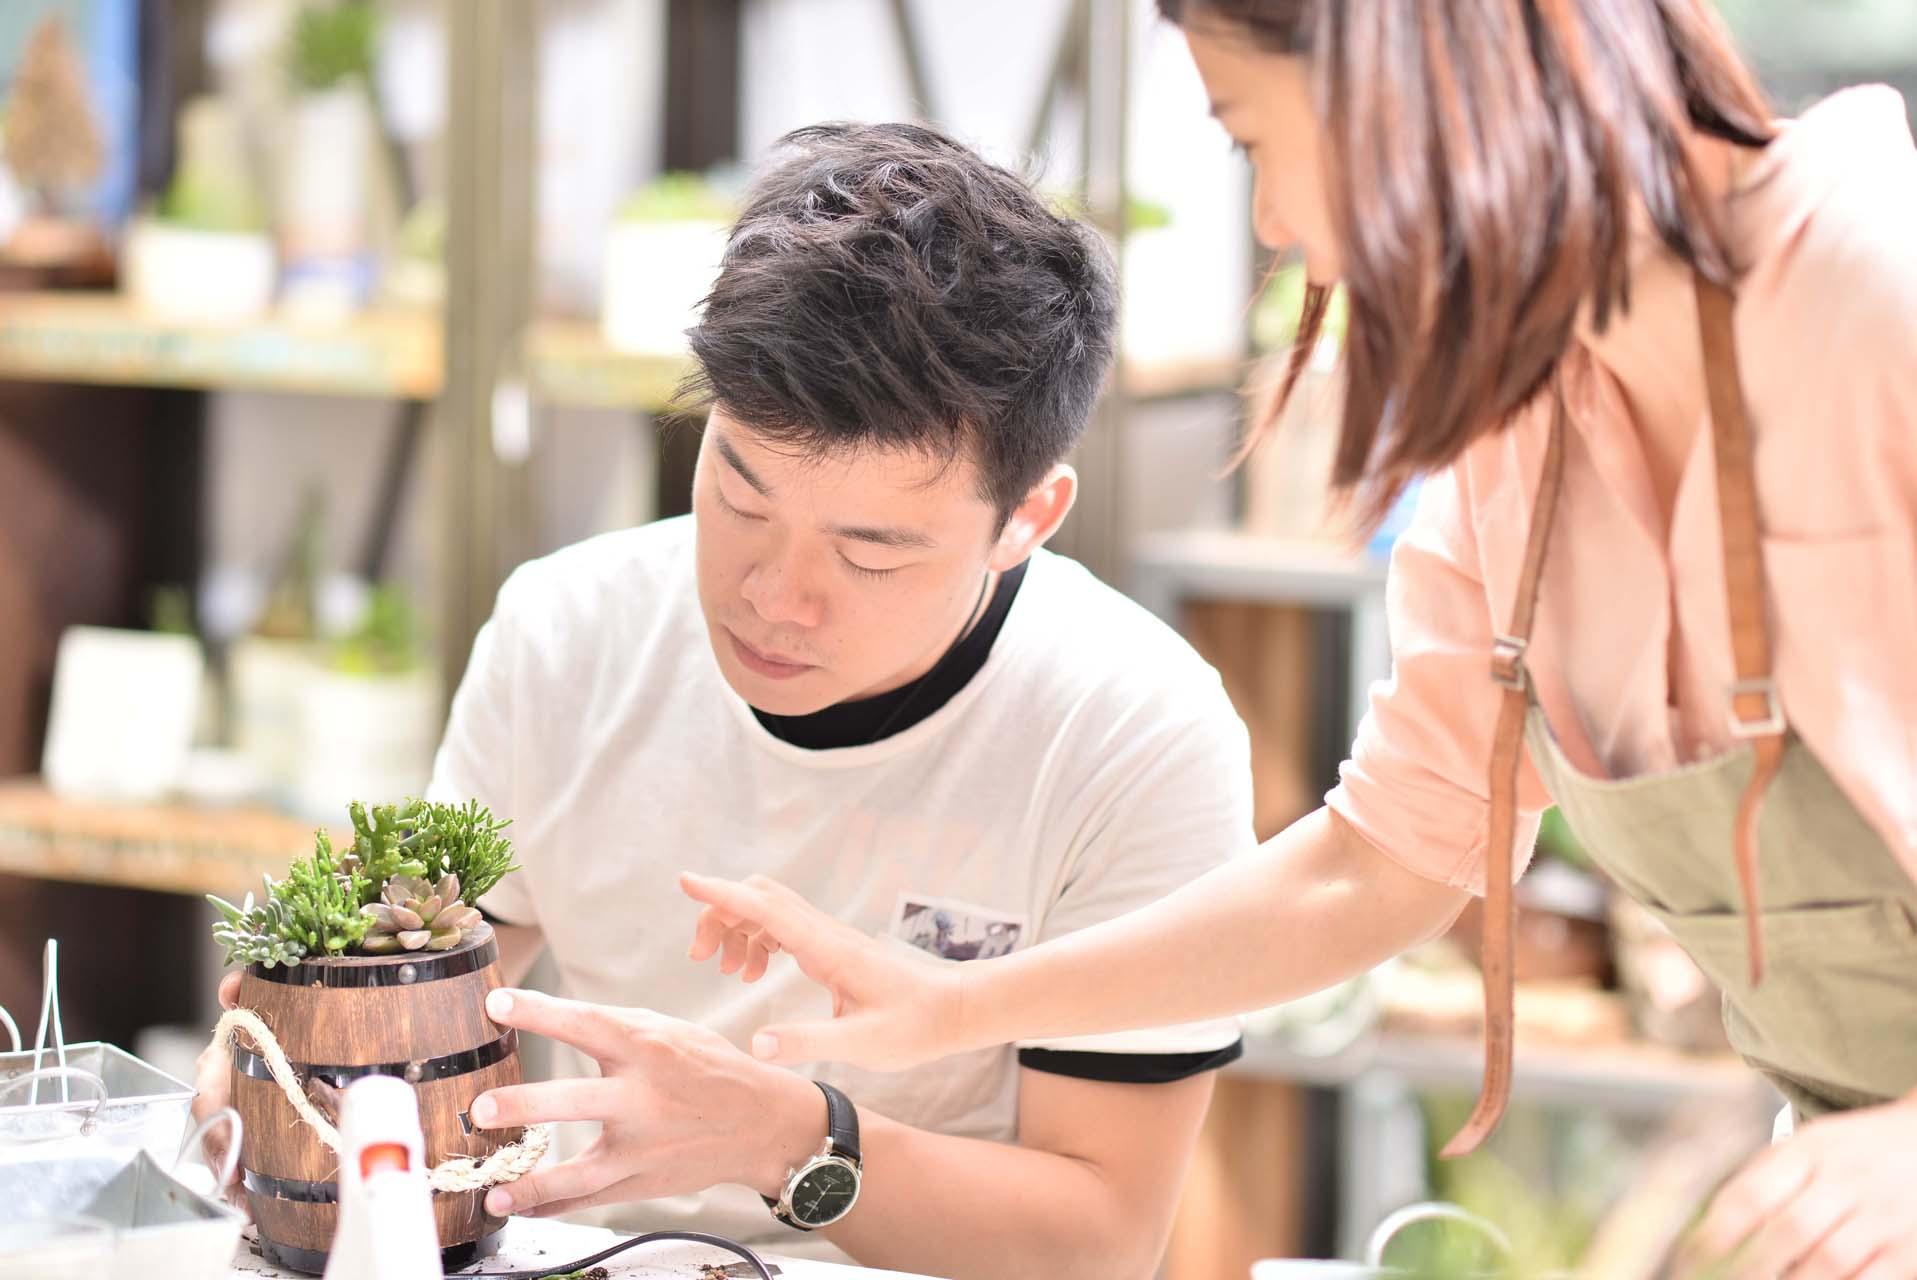 來到位於台北大安區的有肉,上手作課程就是如此安靜自在,讓絕美的作品在自己的手上產生